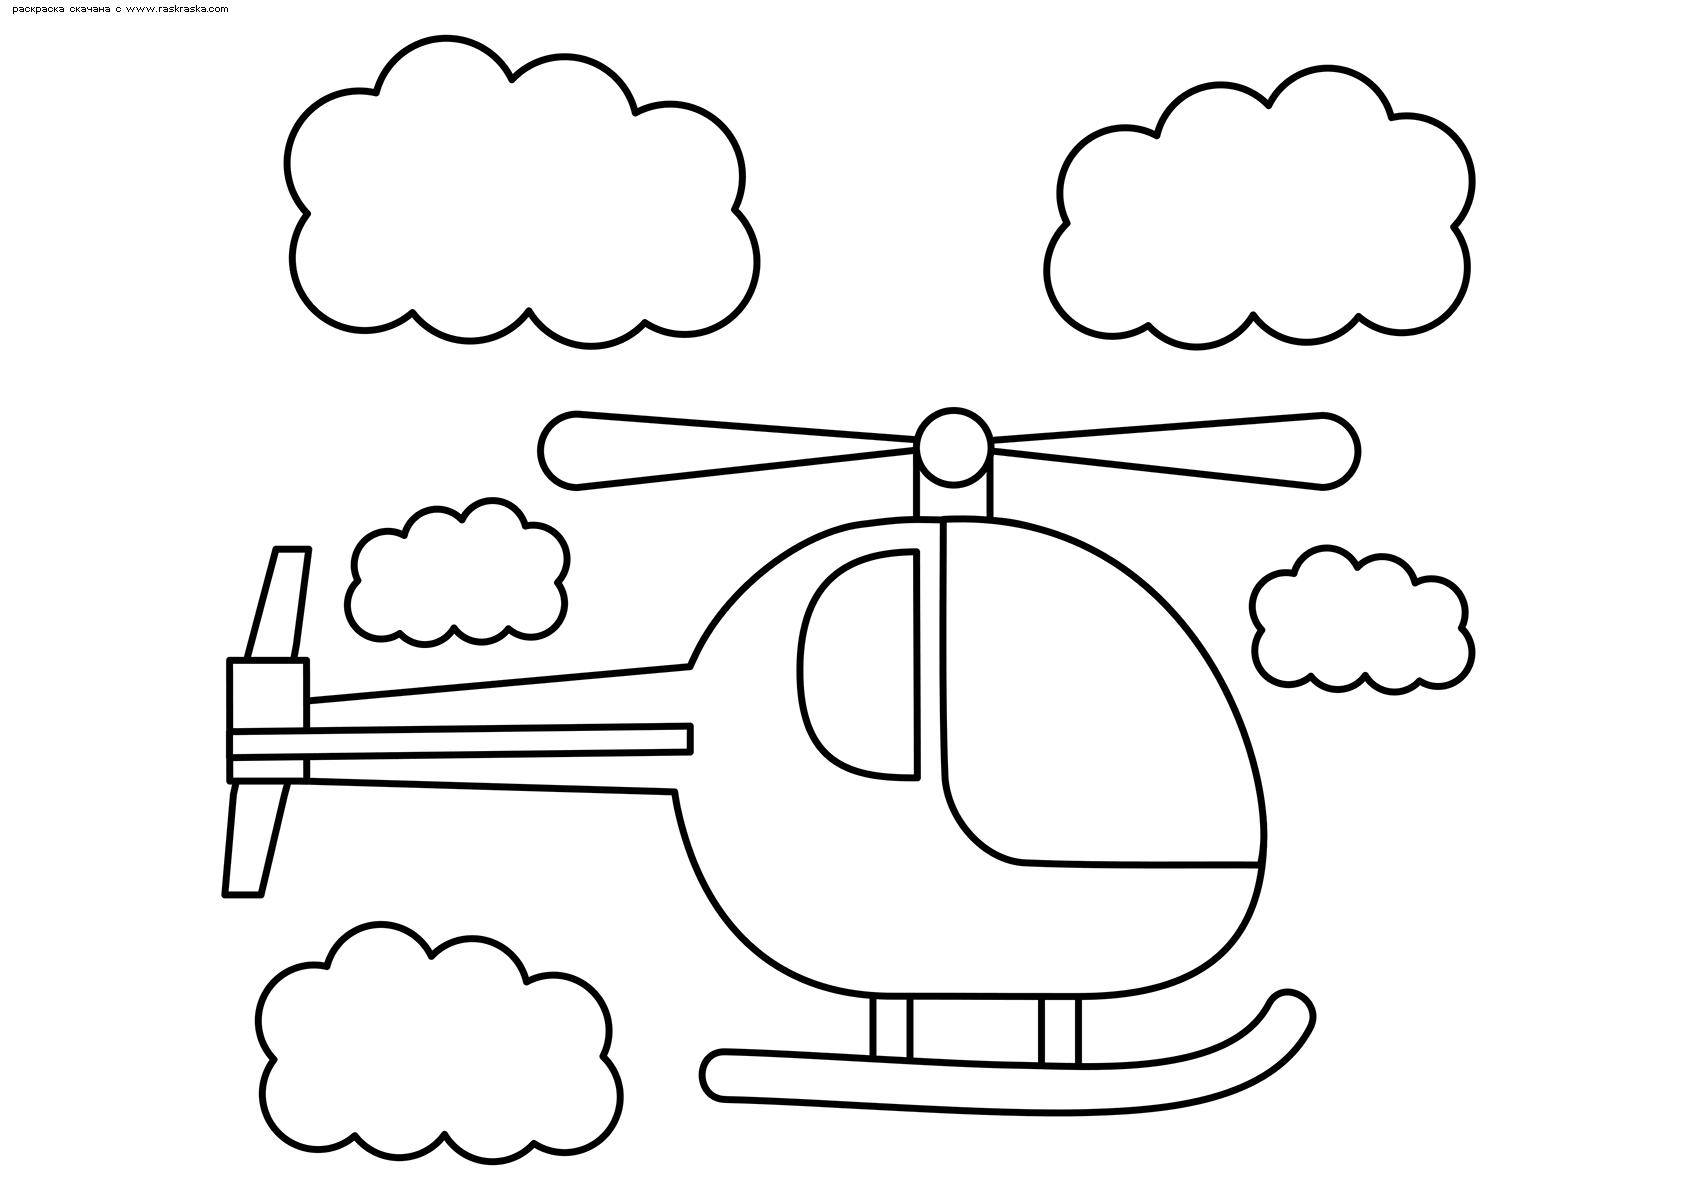 Раскраска Вертолет | Раскраски для детей 4-х лет. Детские ...